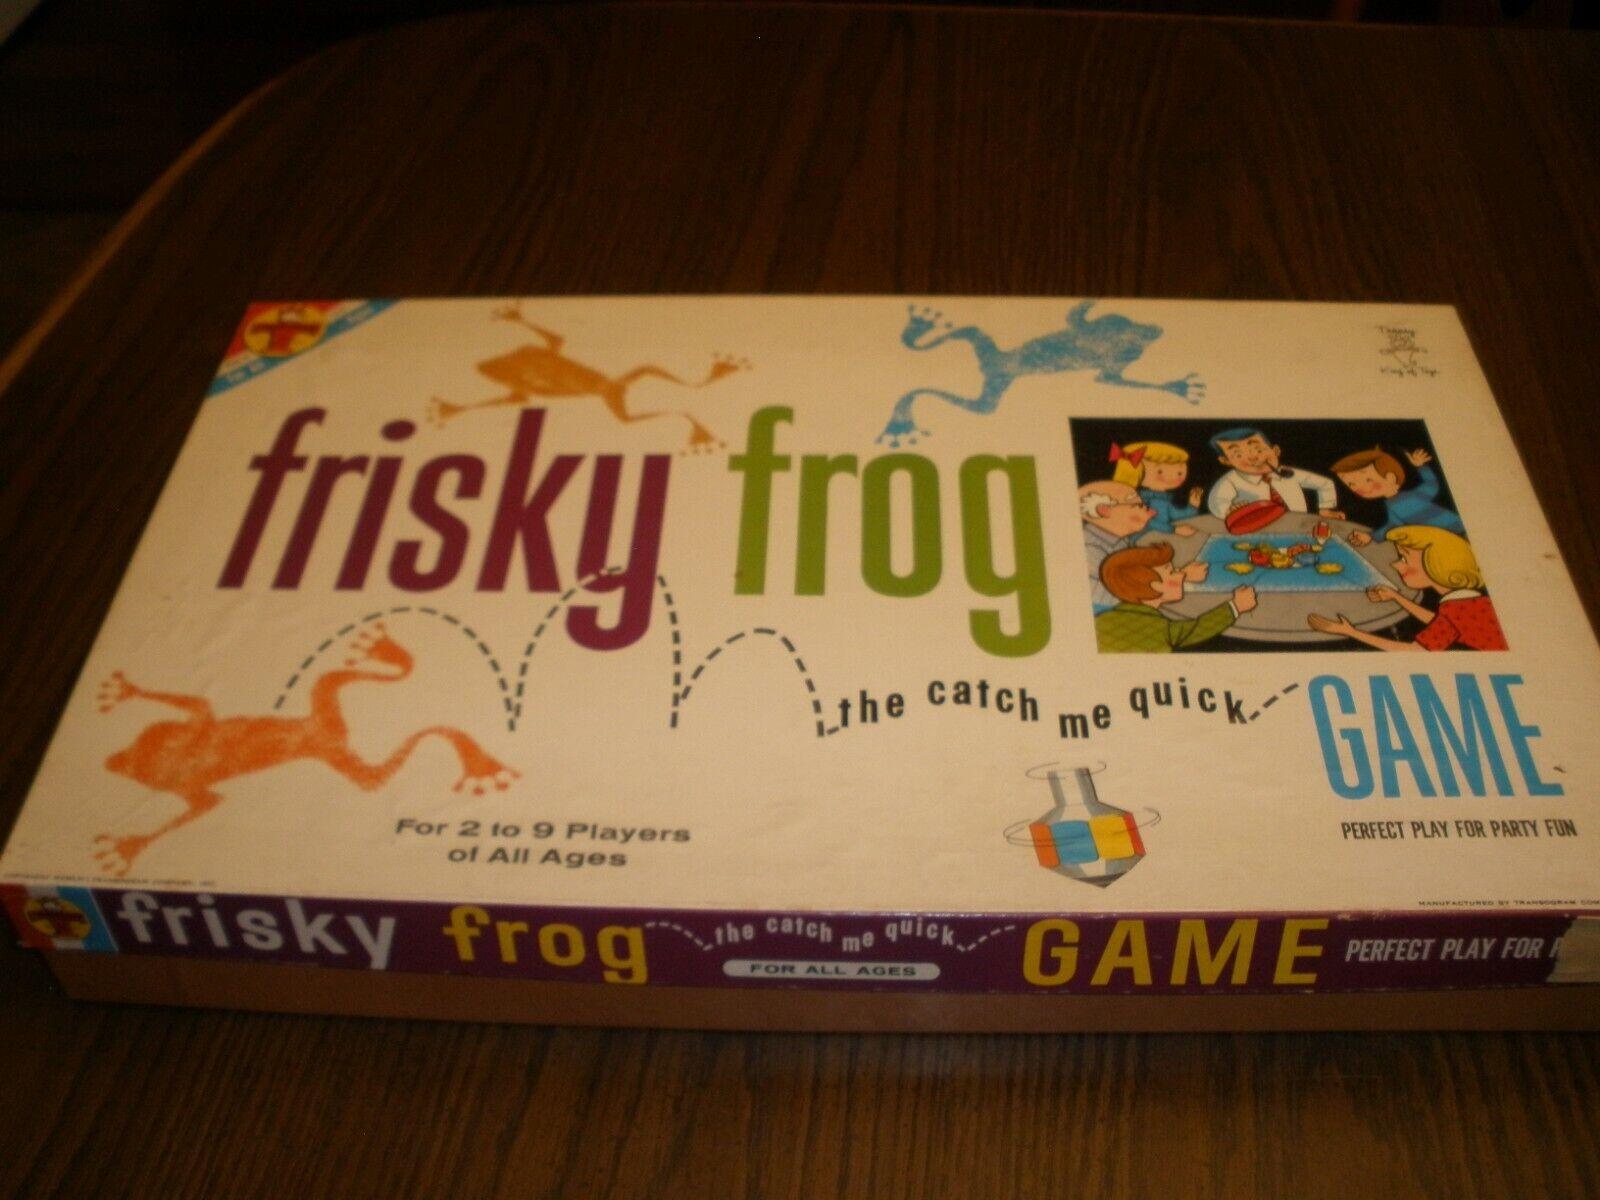 artículos novedosos 1962 Juego Raro Frisky Frog Catch Transogram Transogram Transogram me juego rápido  Venta barata